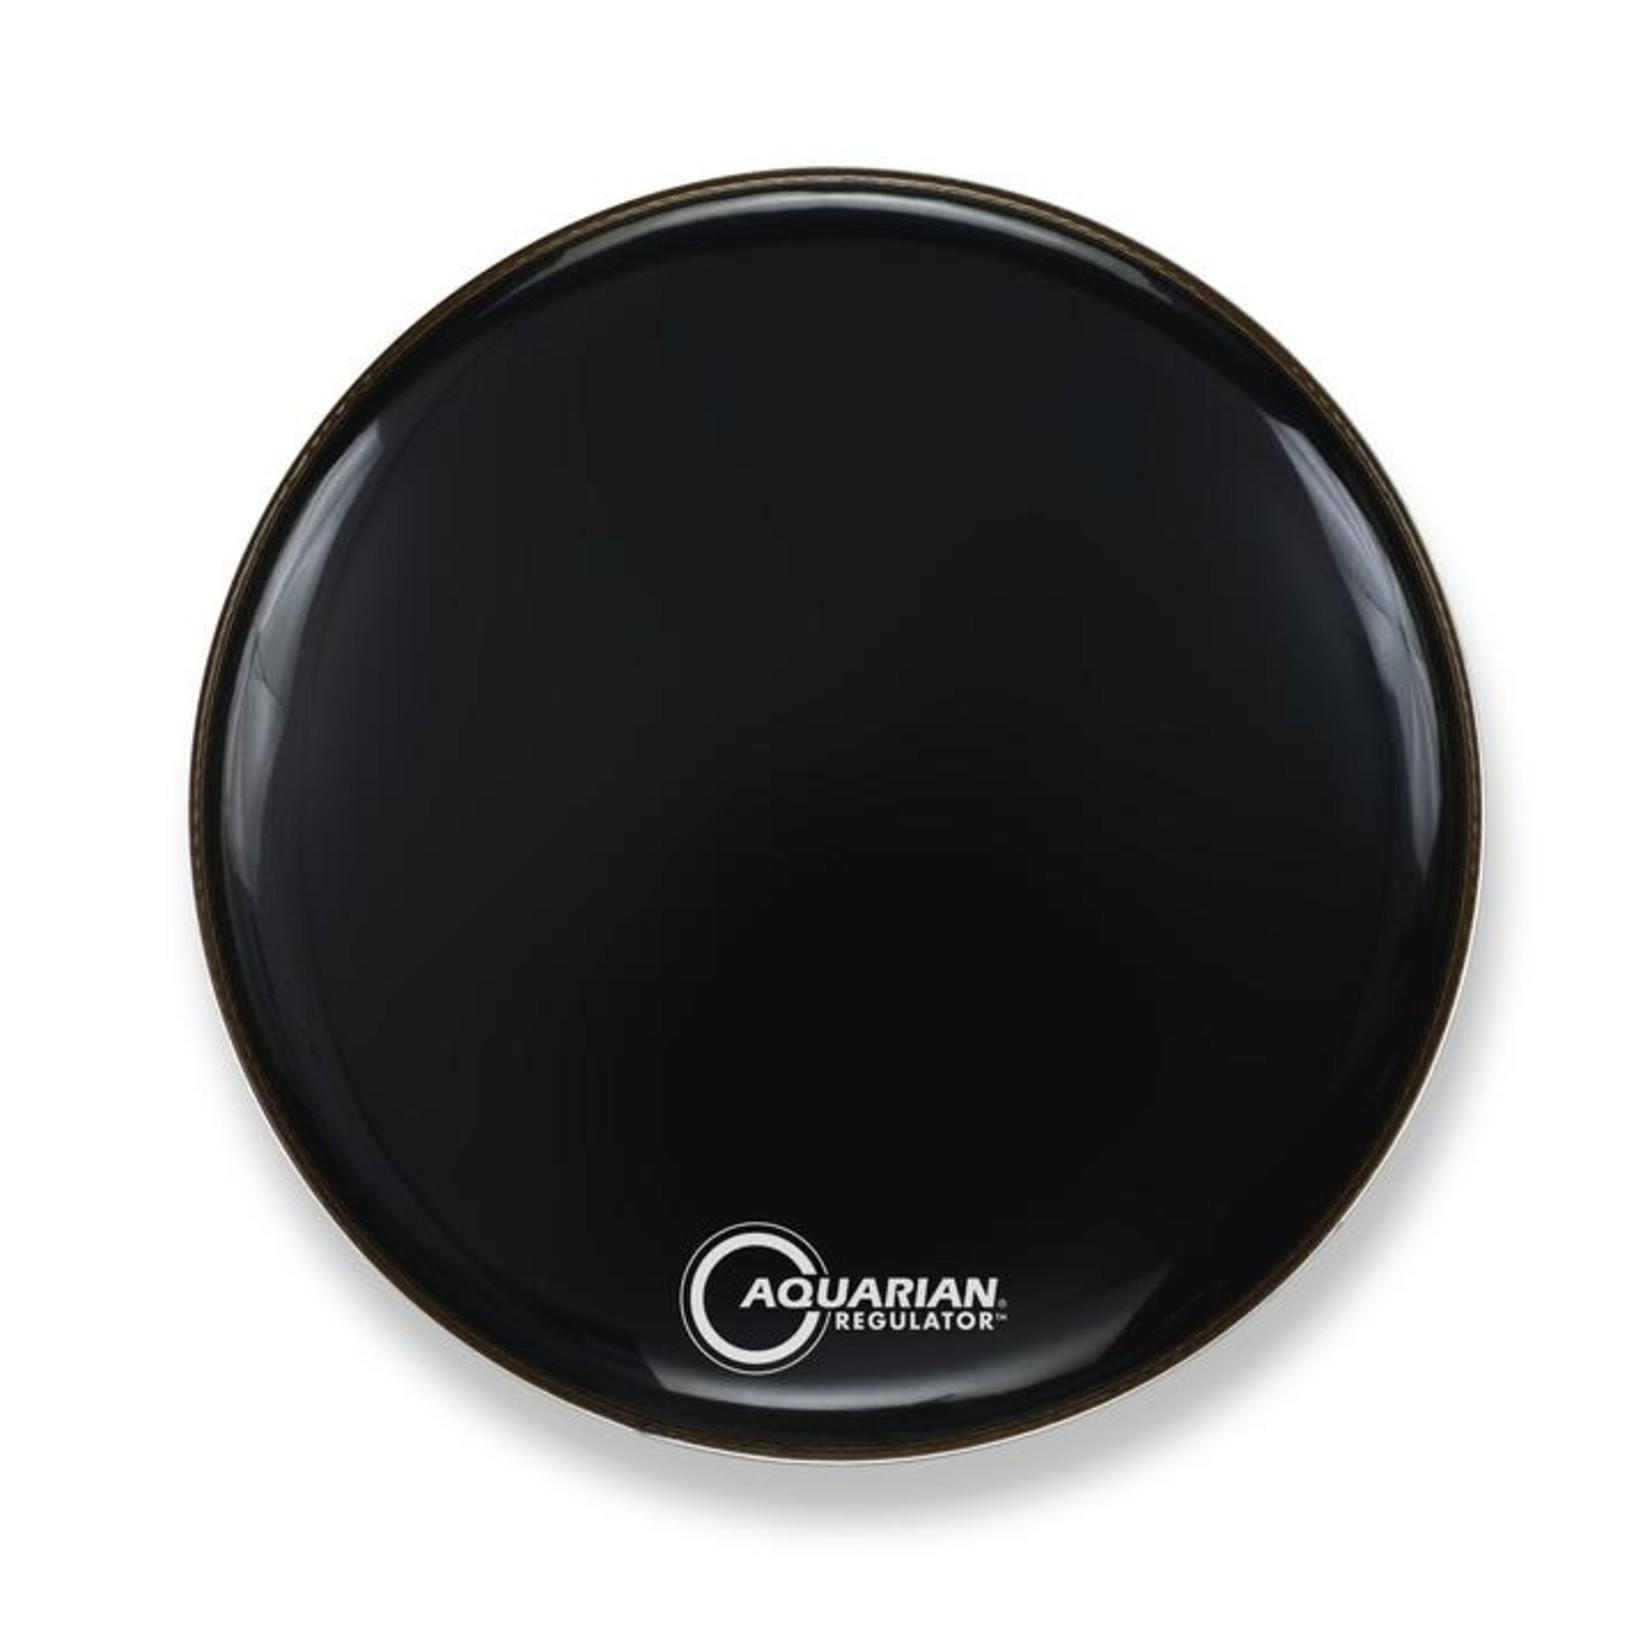 Aquarian Aquarian Regulator Black Video Gloss Bass Drum